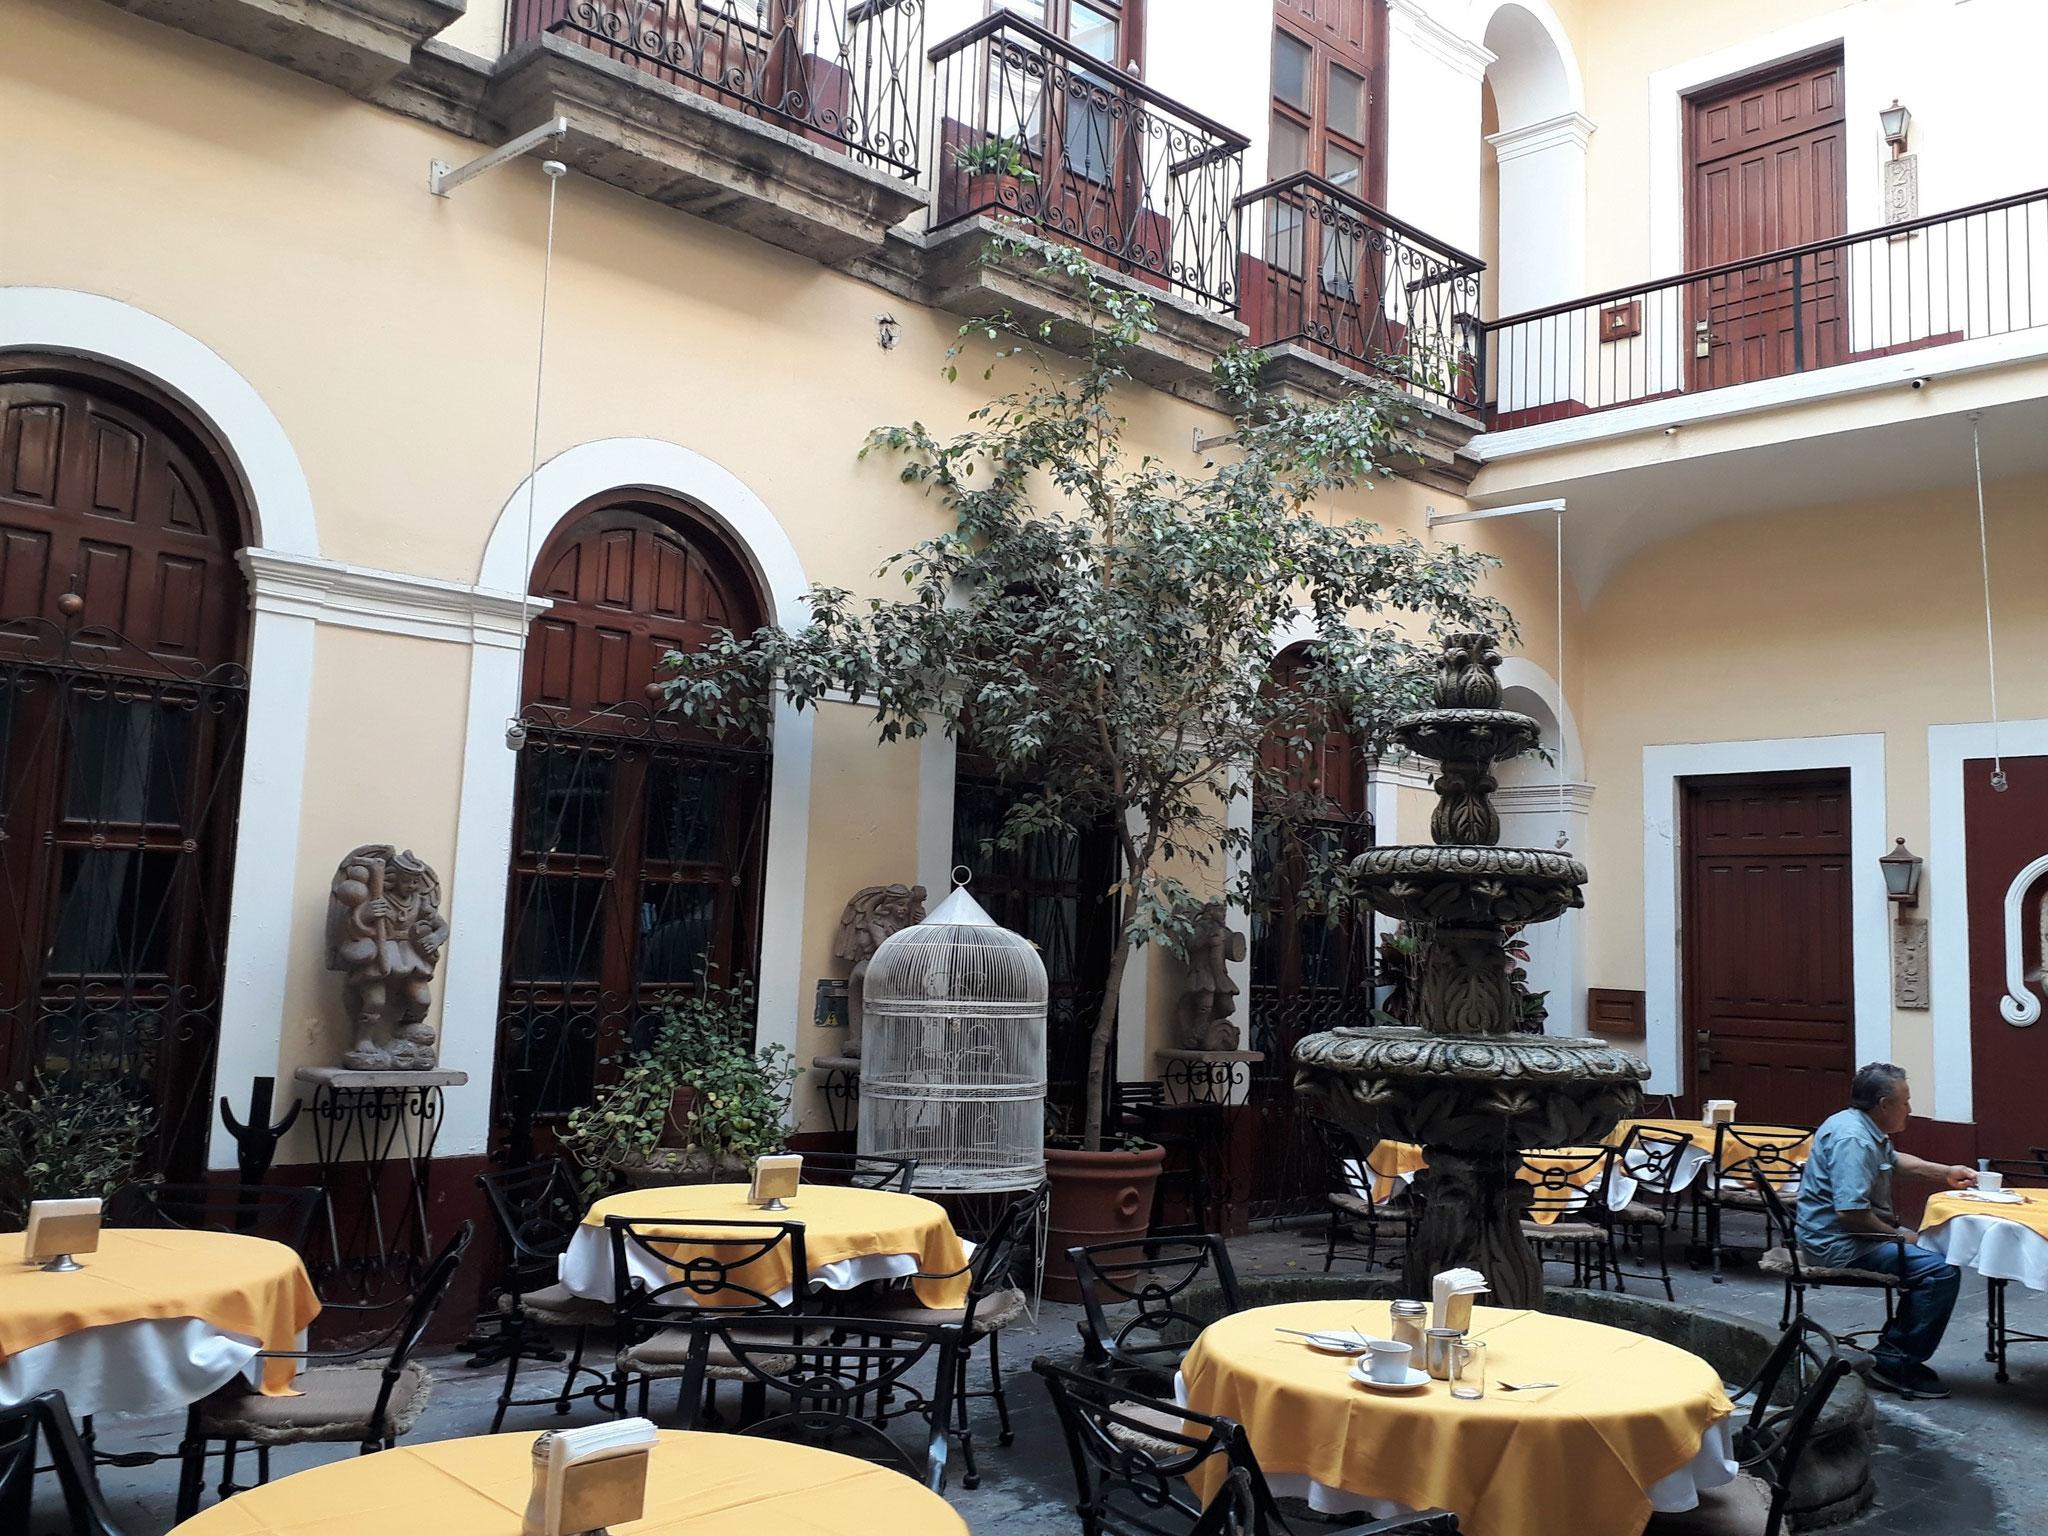 La cour de l'hôtel San Francisco Plaza